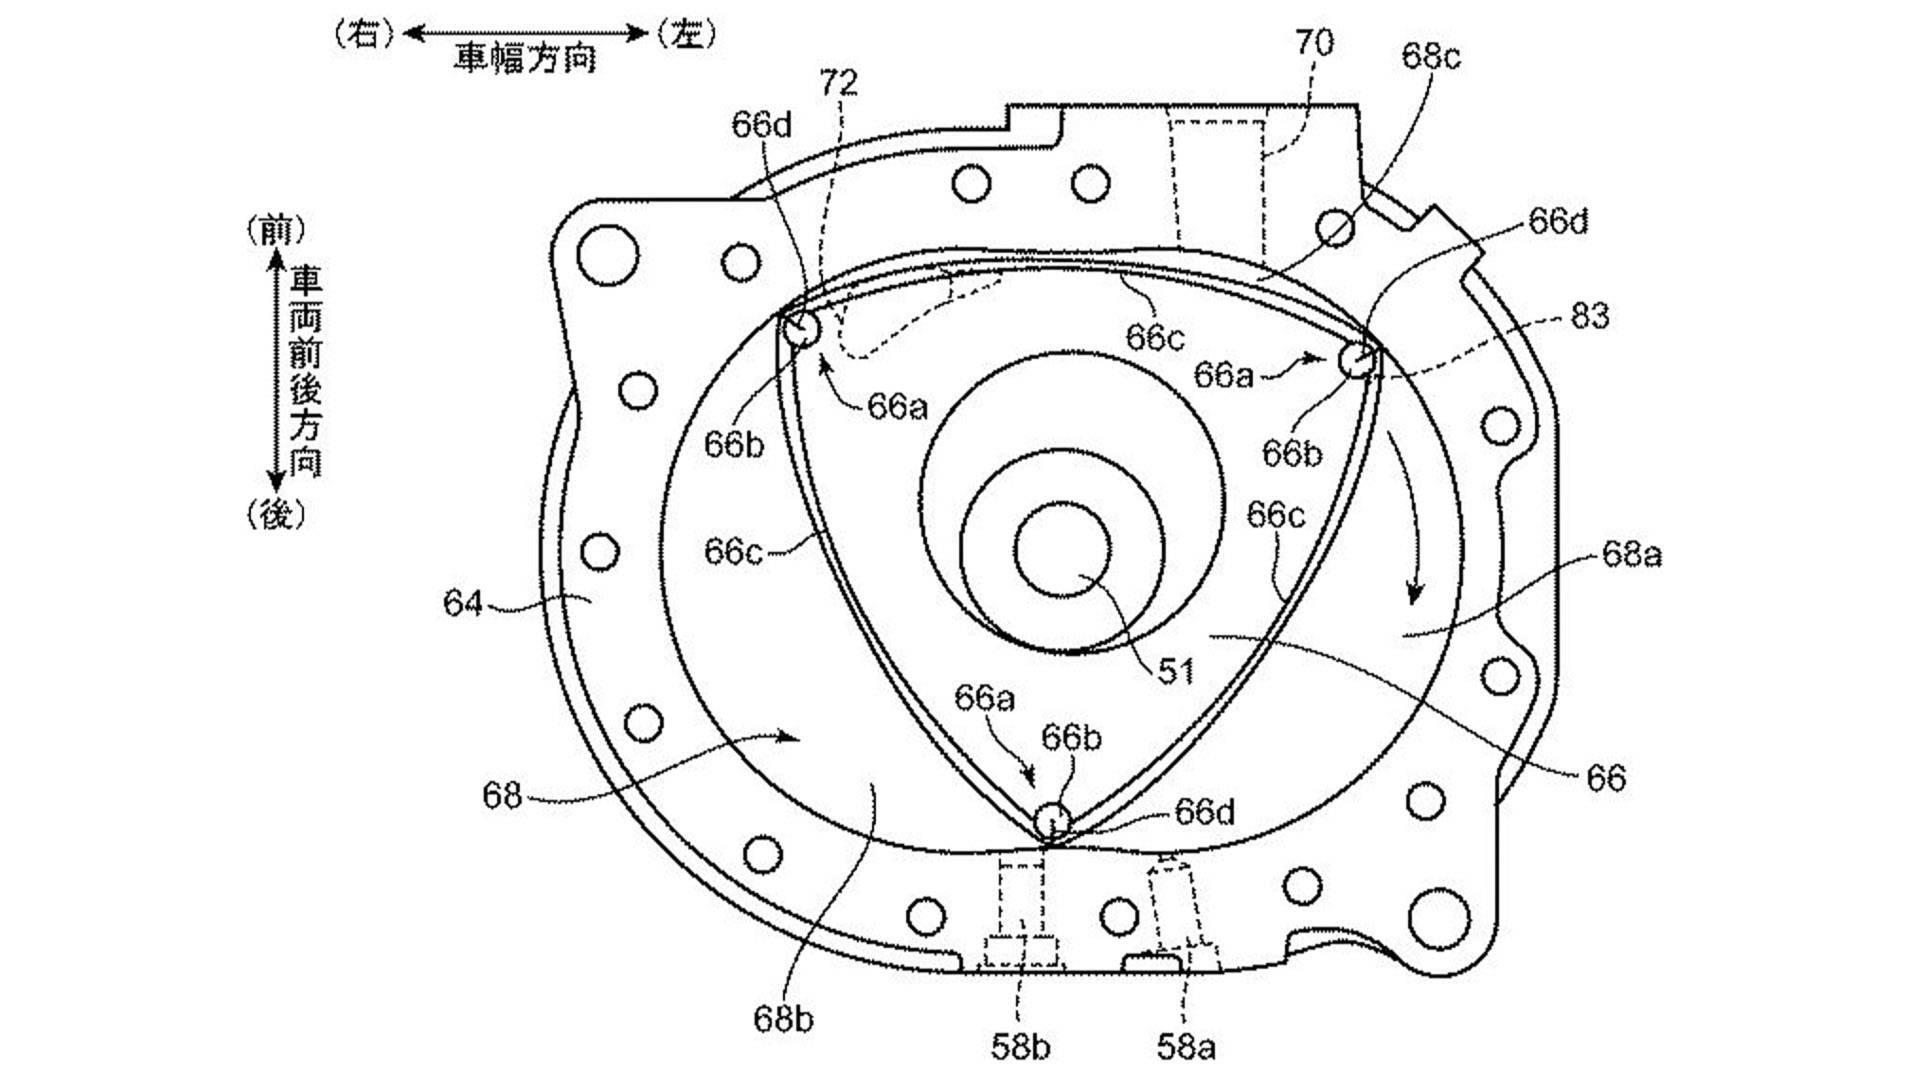 mazda-rotary-engine-patent (4)